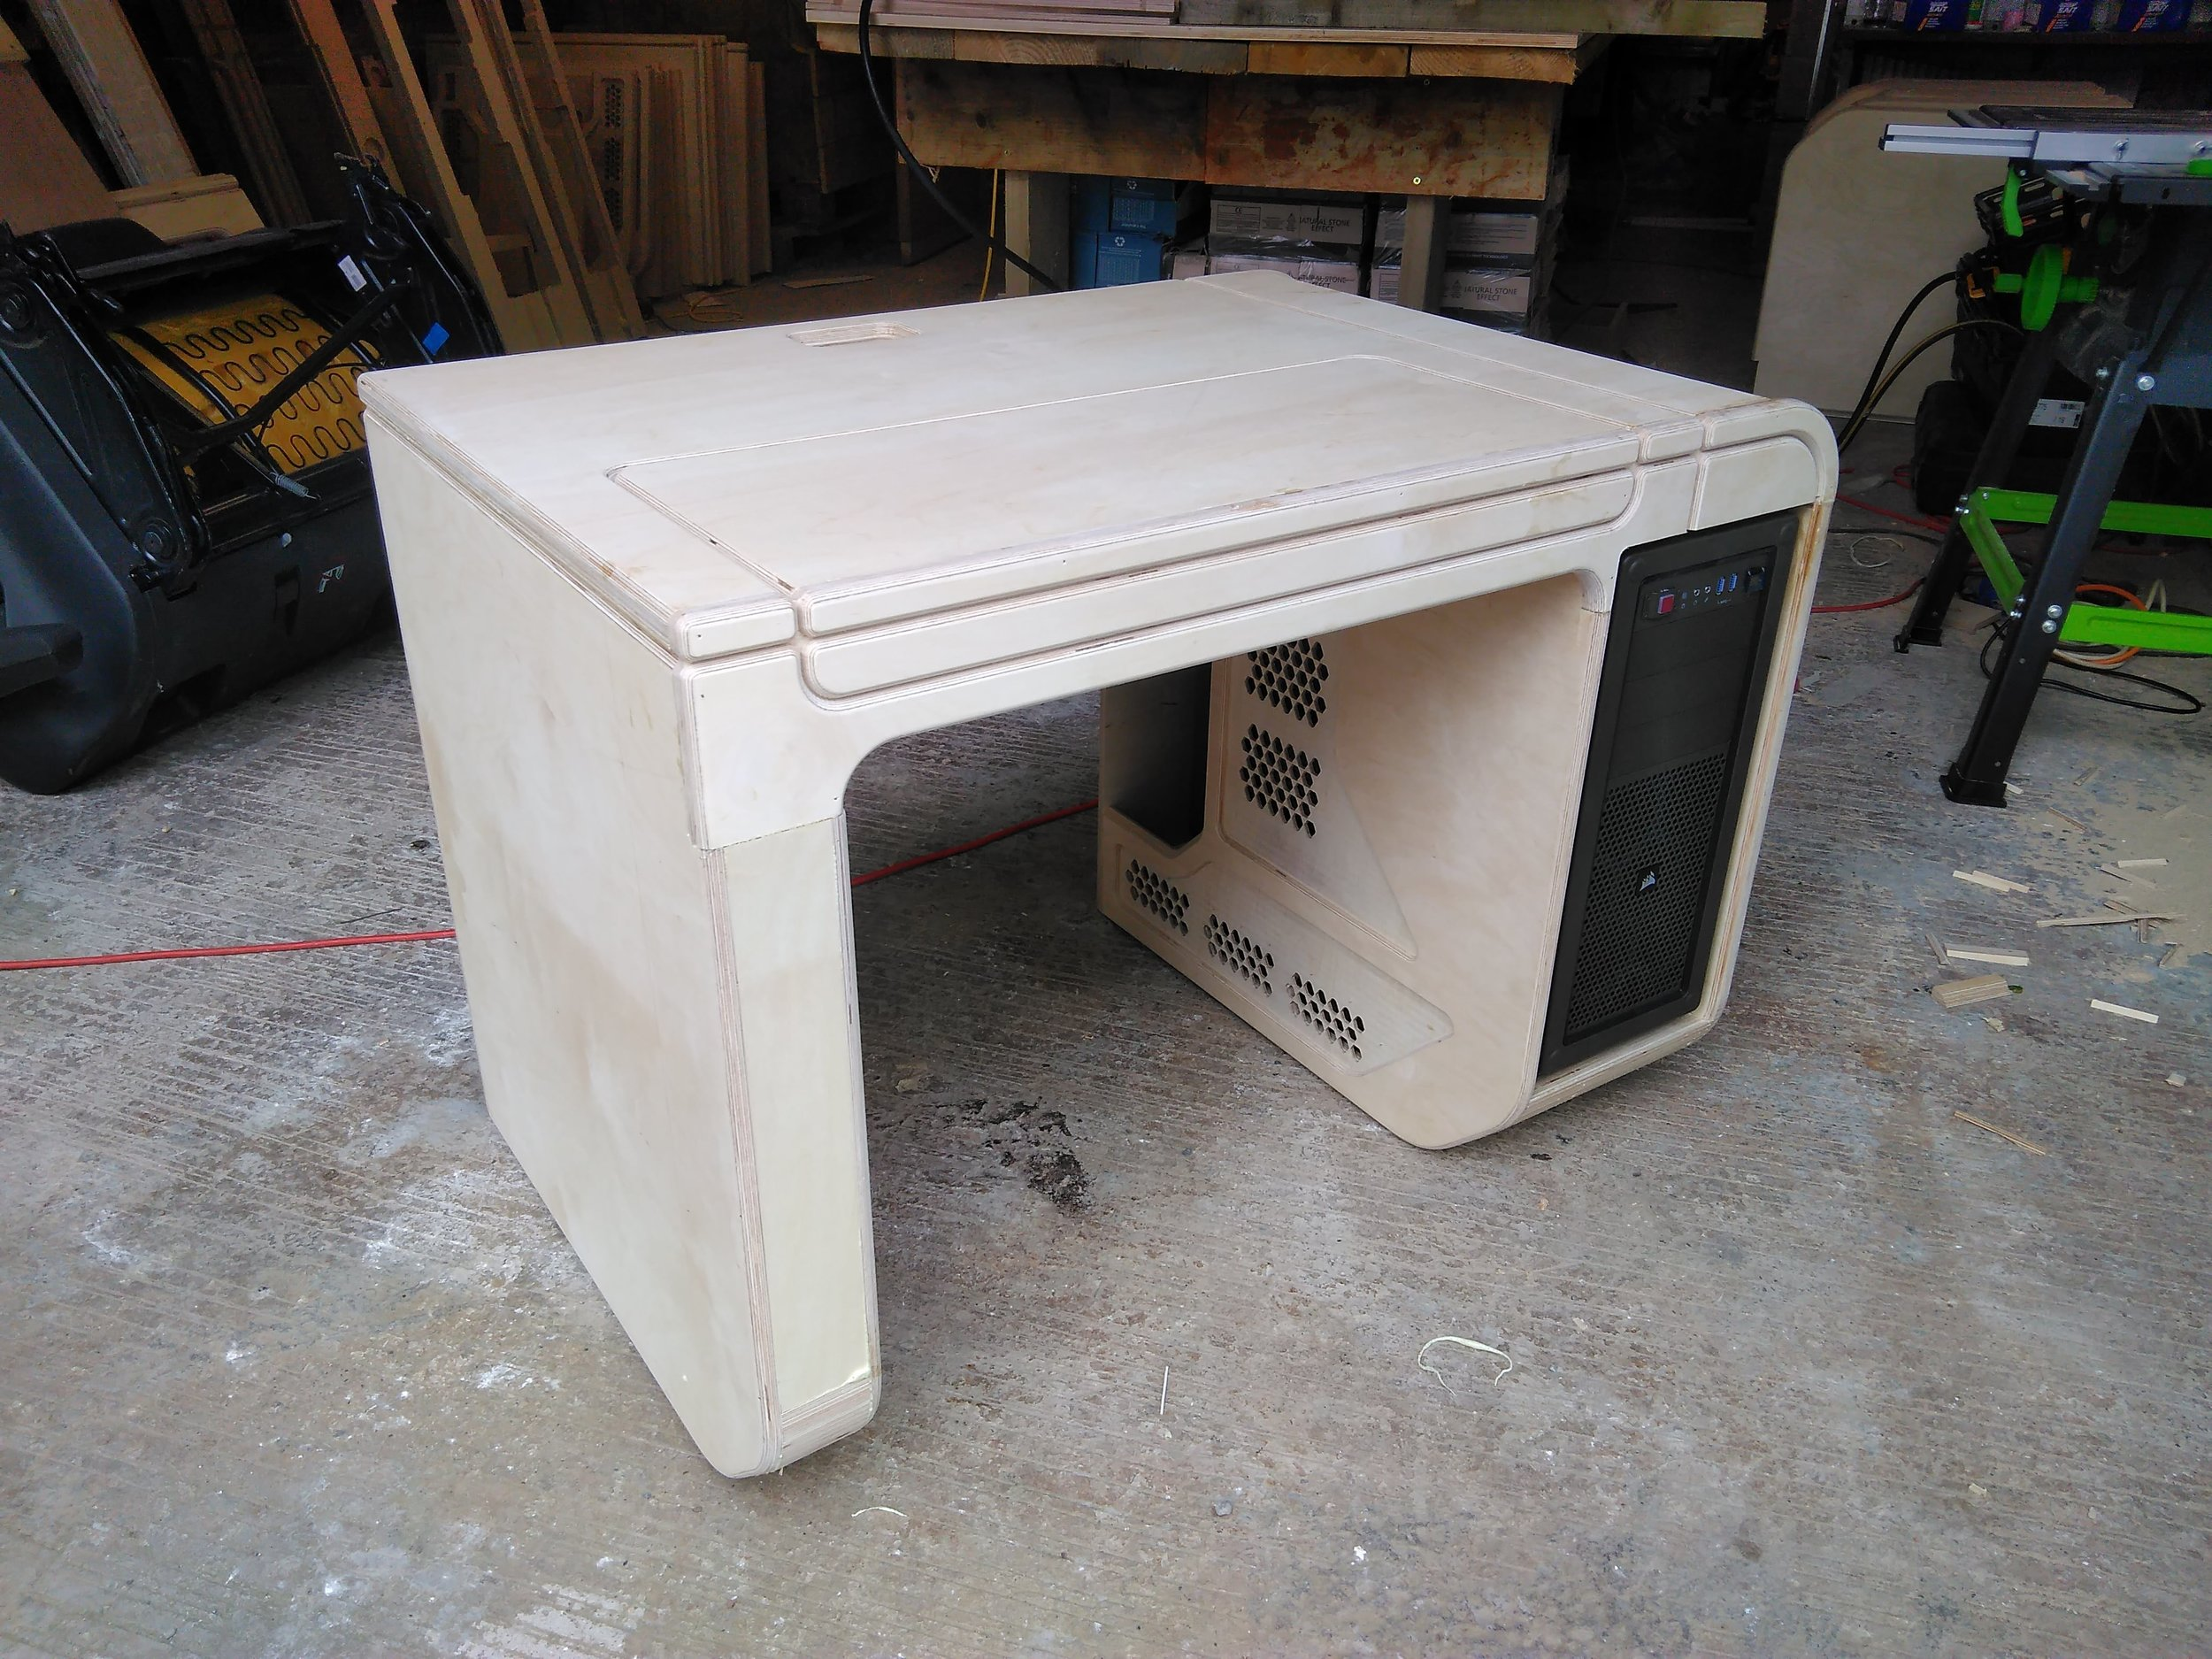 A complete unpainted desk